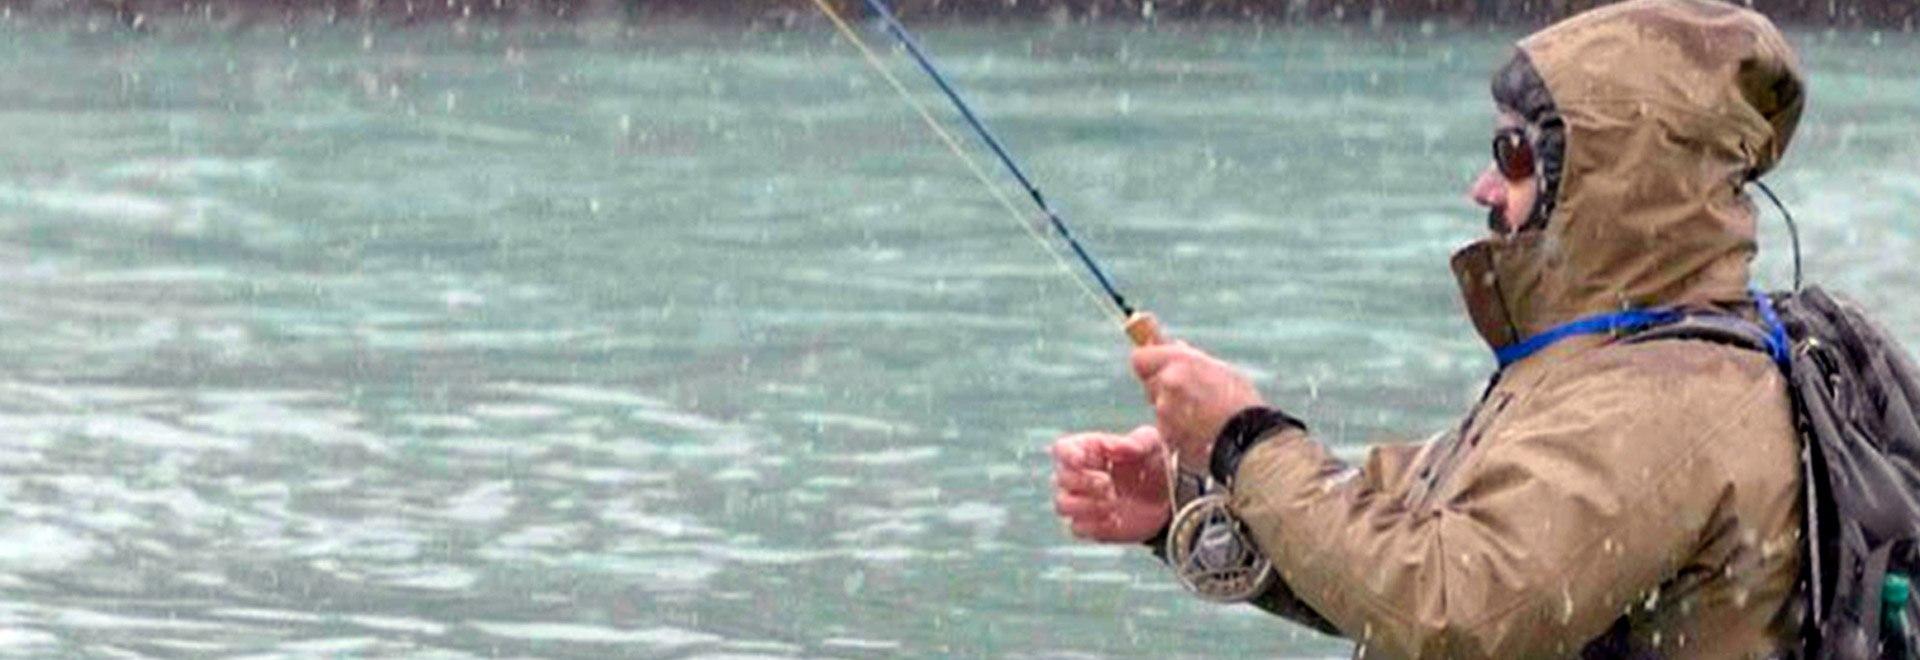 Pesca rotante